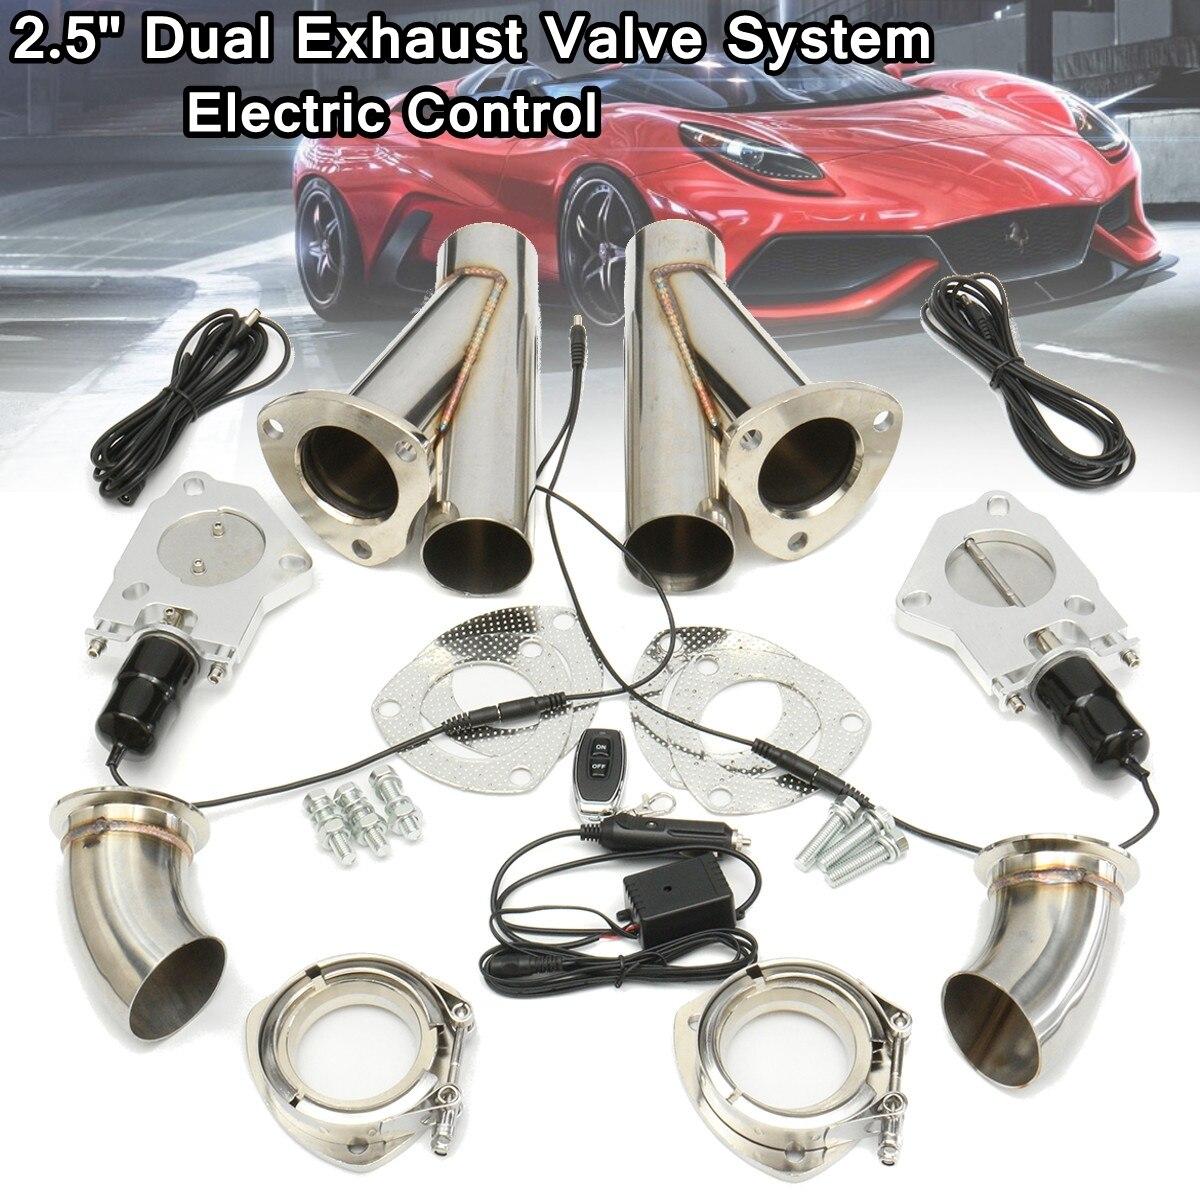 2.5 pouce 6.3mm Double D'échappement Catback Tuyau de Descente Découpe Valve Système De Commande Électrique Kit